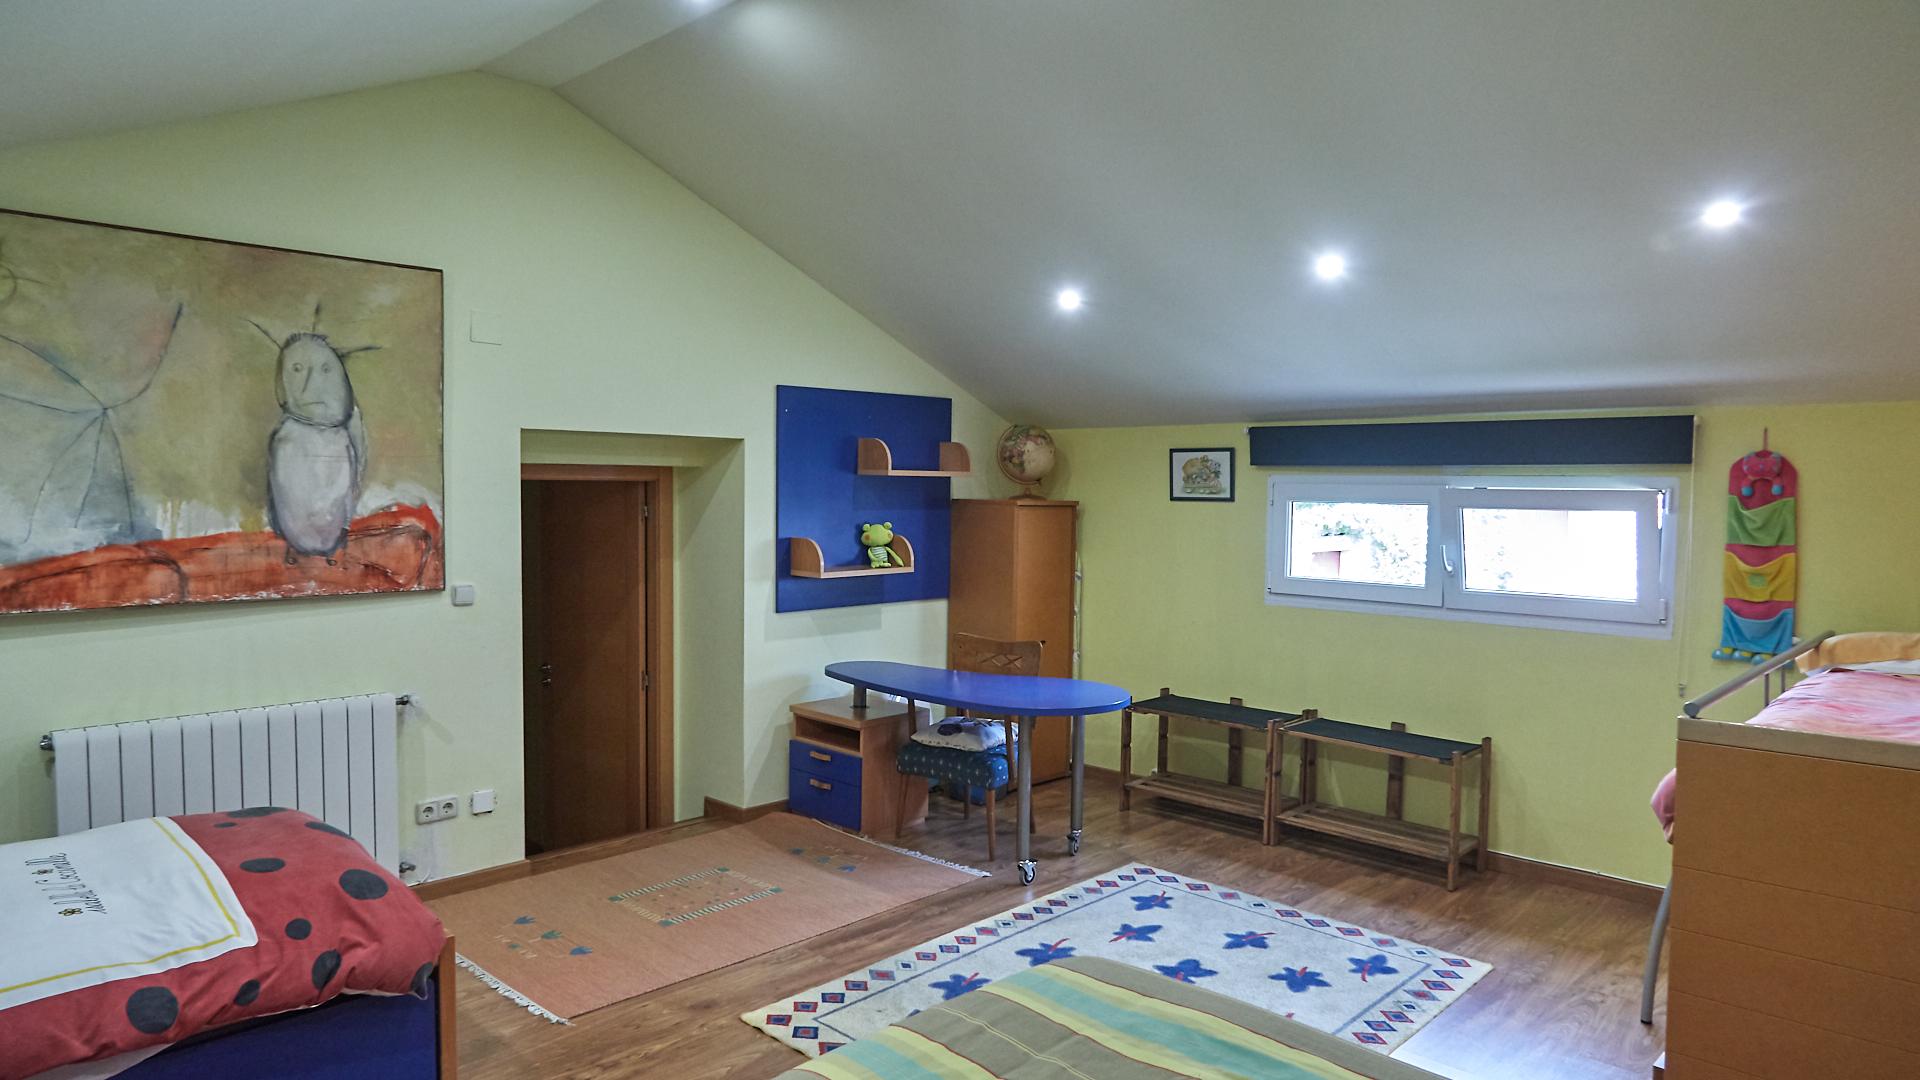 2018 06 23 vagalumes  habitacion 6  (4)